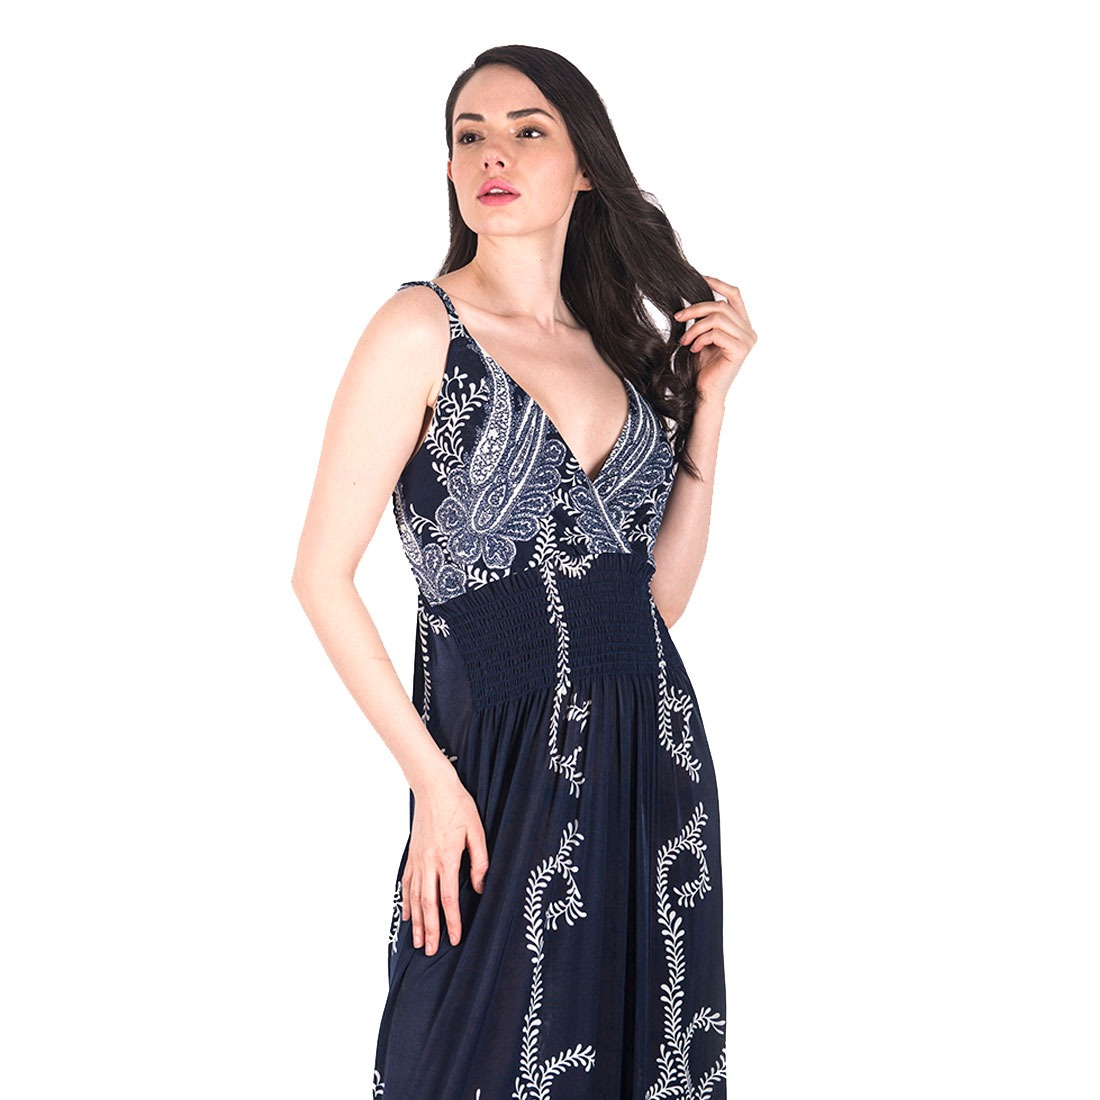 c4ea8a0cd vestidos casuales dama largos estampado azul holgado zoara. Cargando zoom.